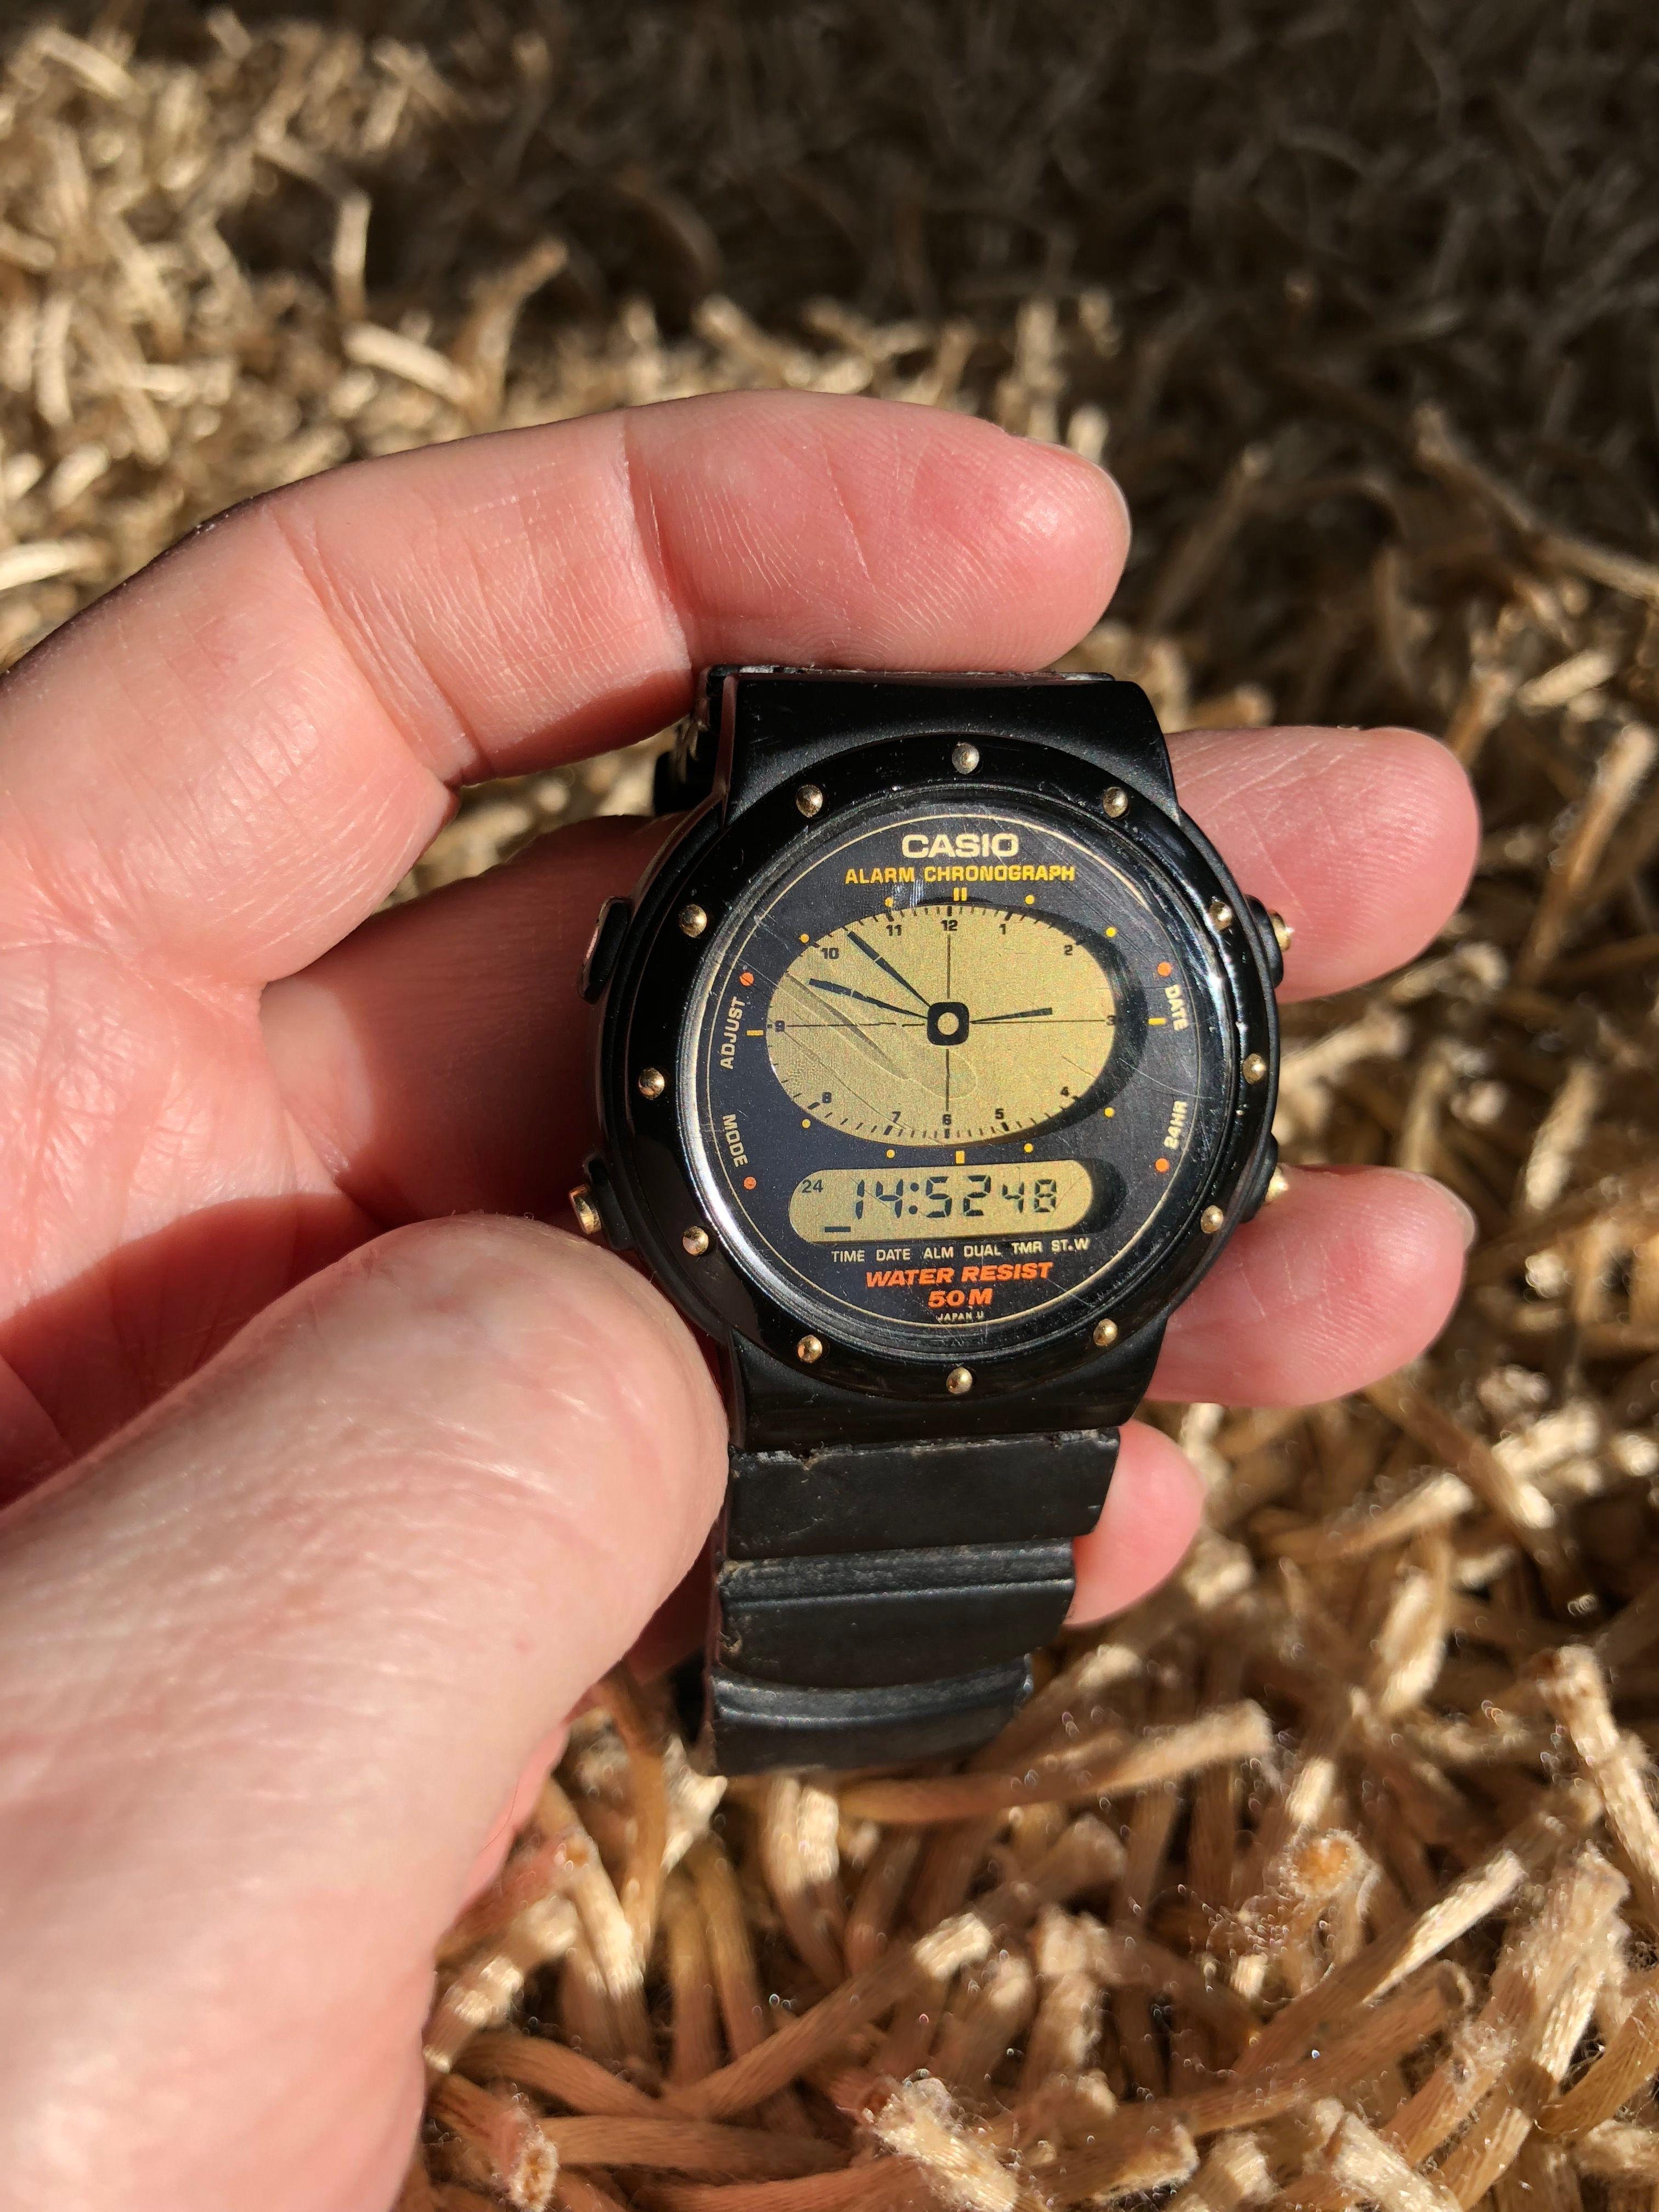 Casio AE-30w (1989) Armani Watches For Men e67d162213